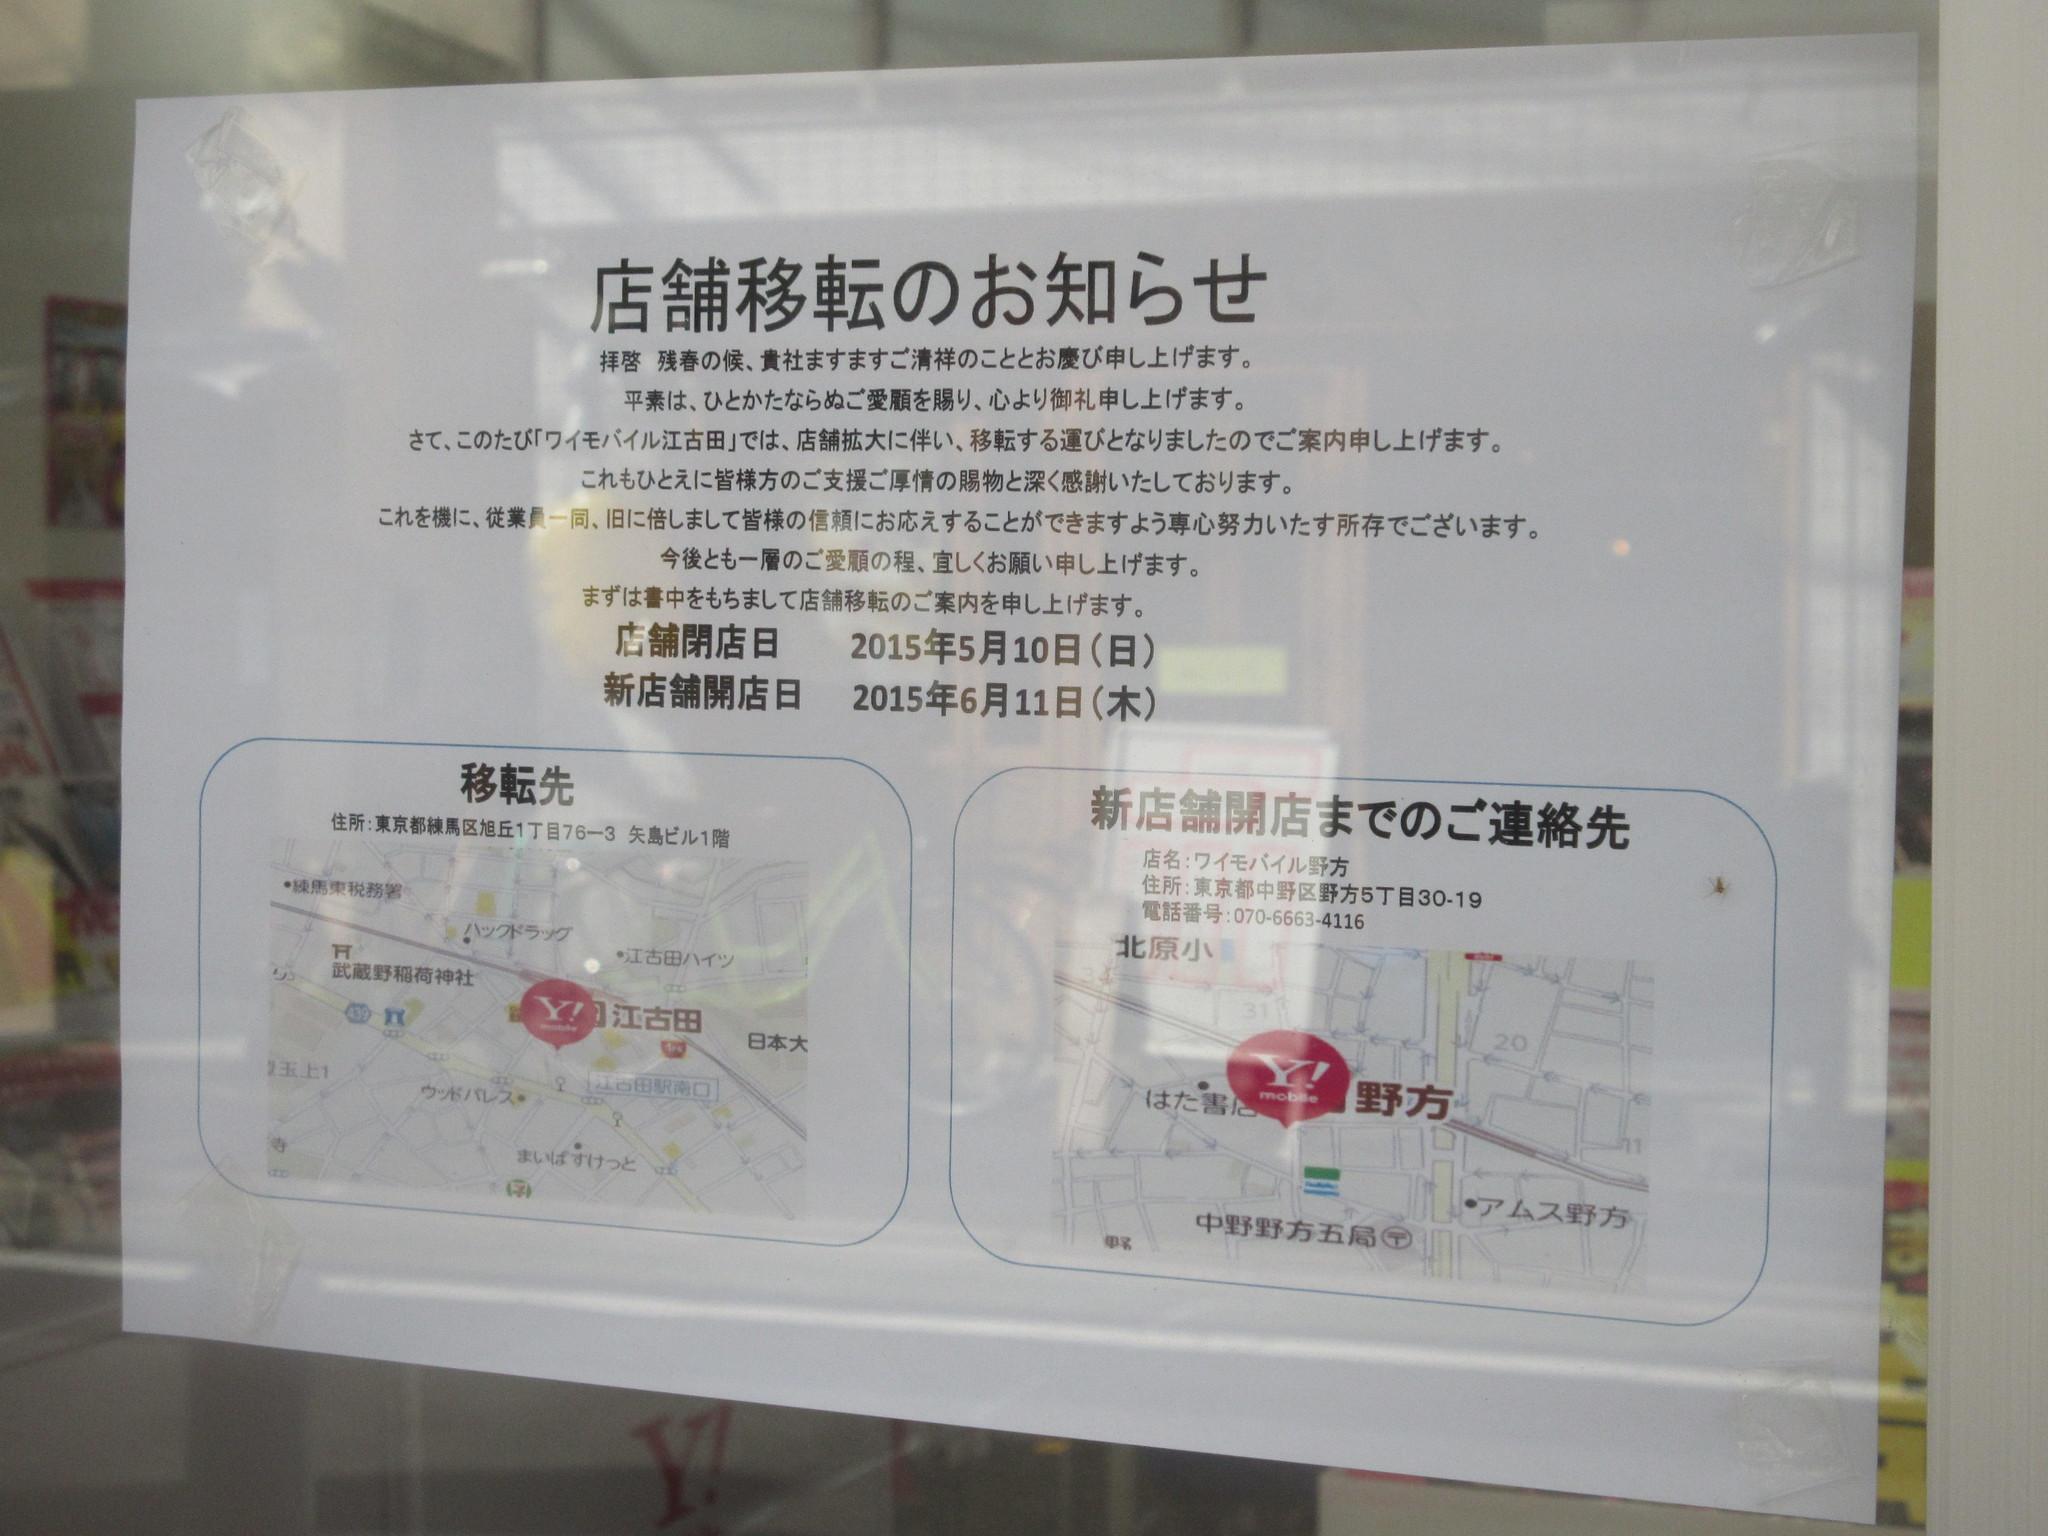 ワイモバイル(江古田)